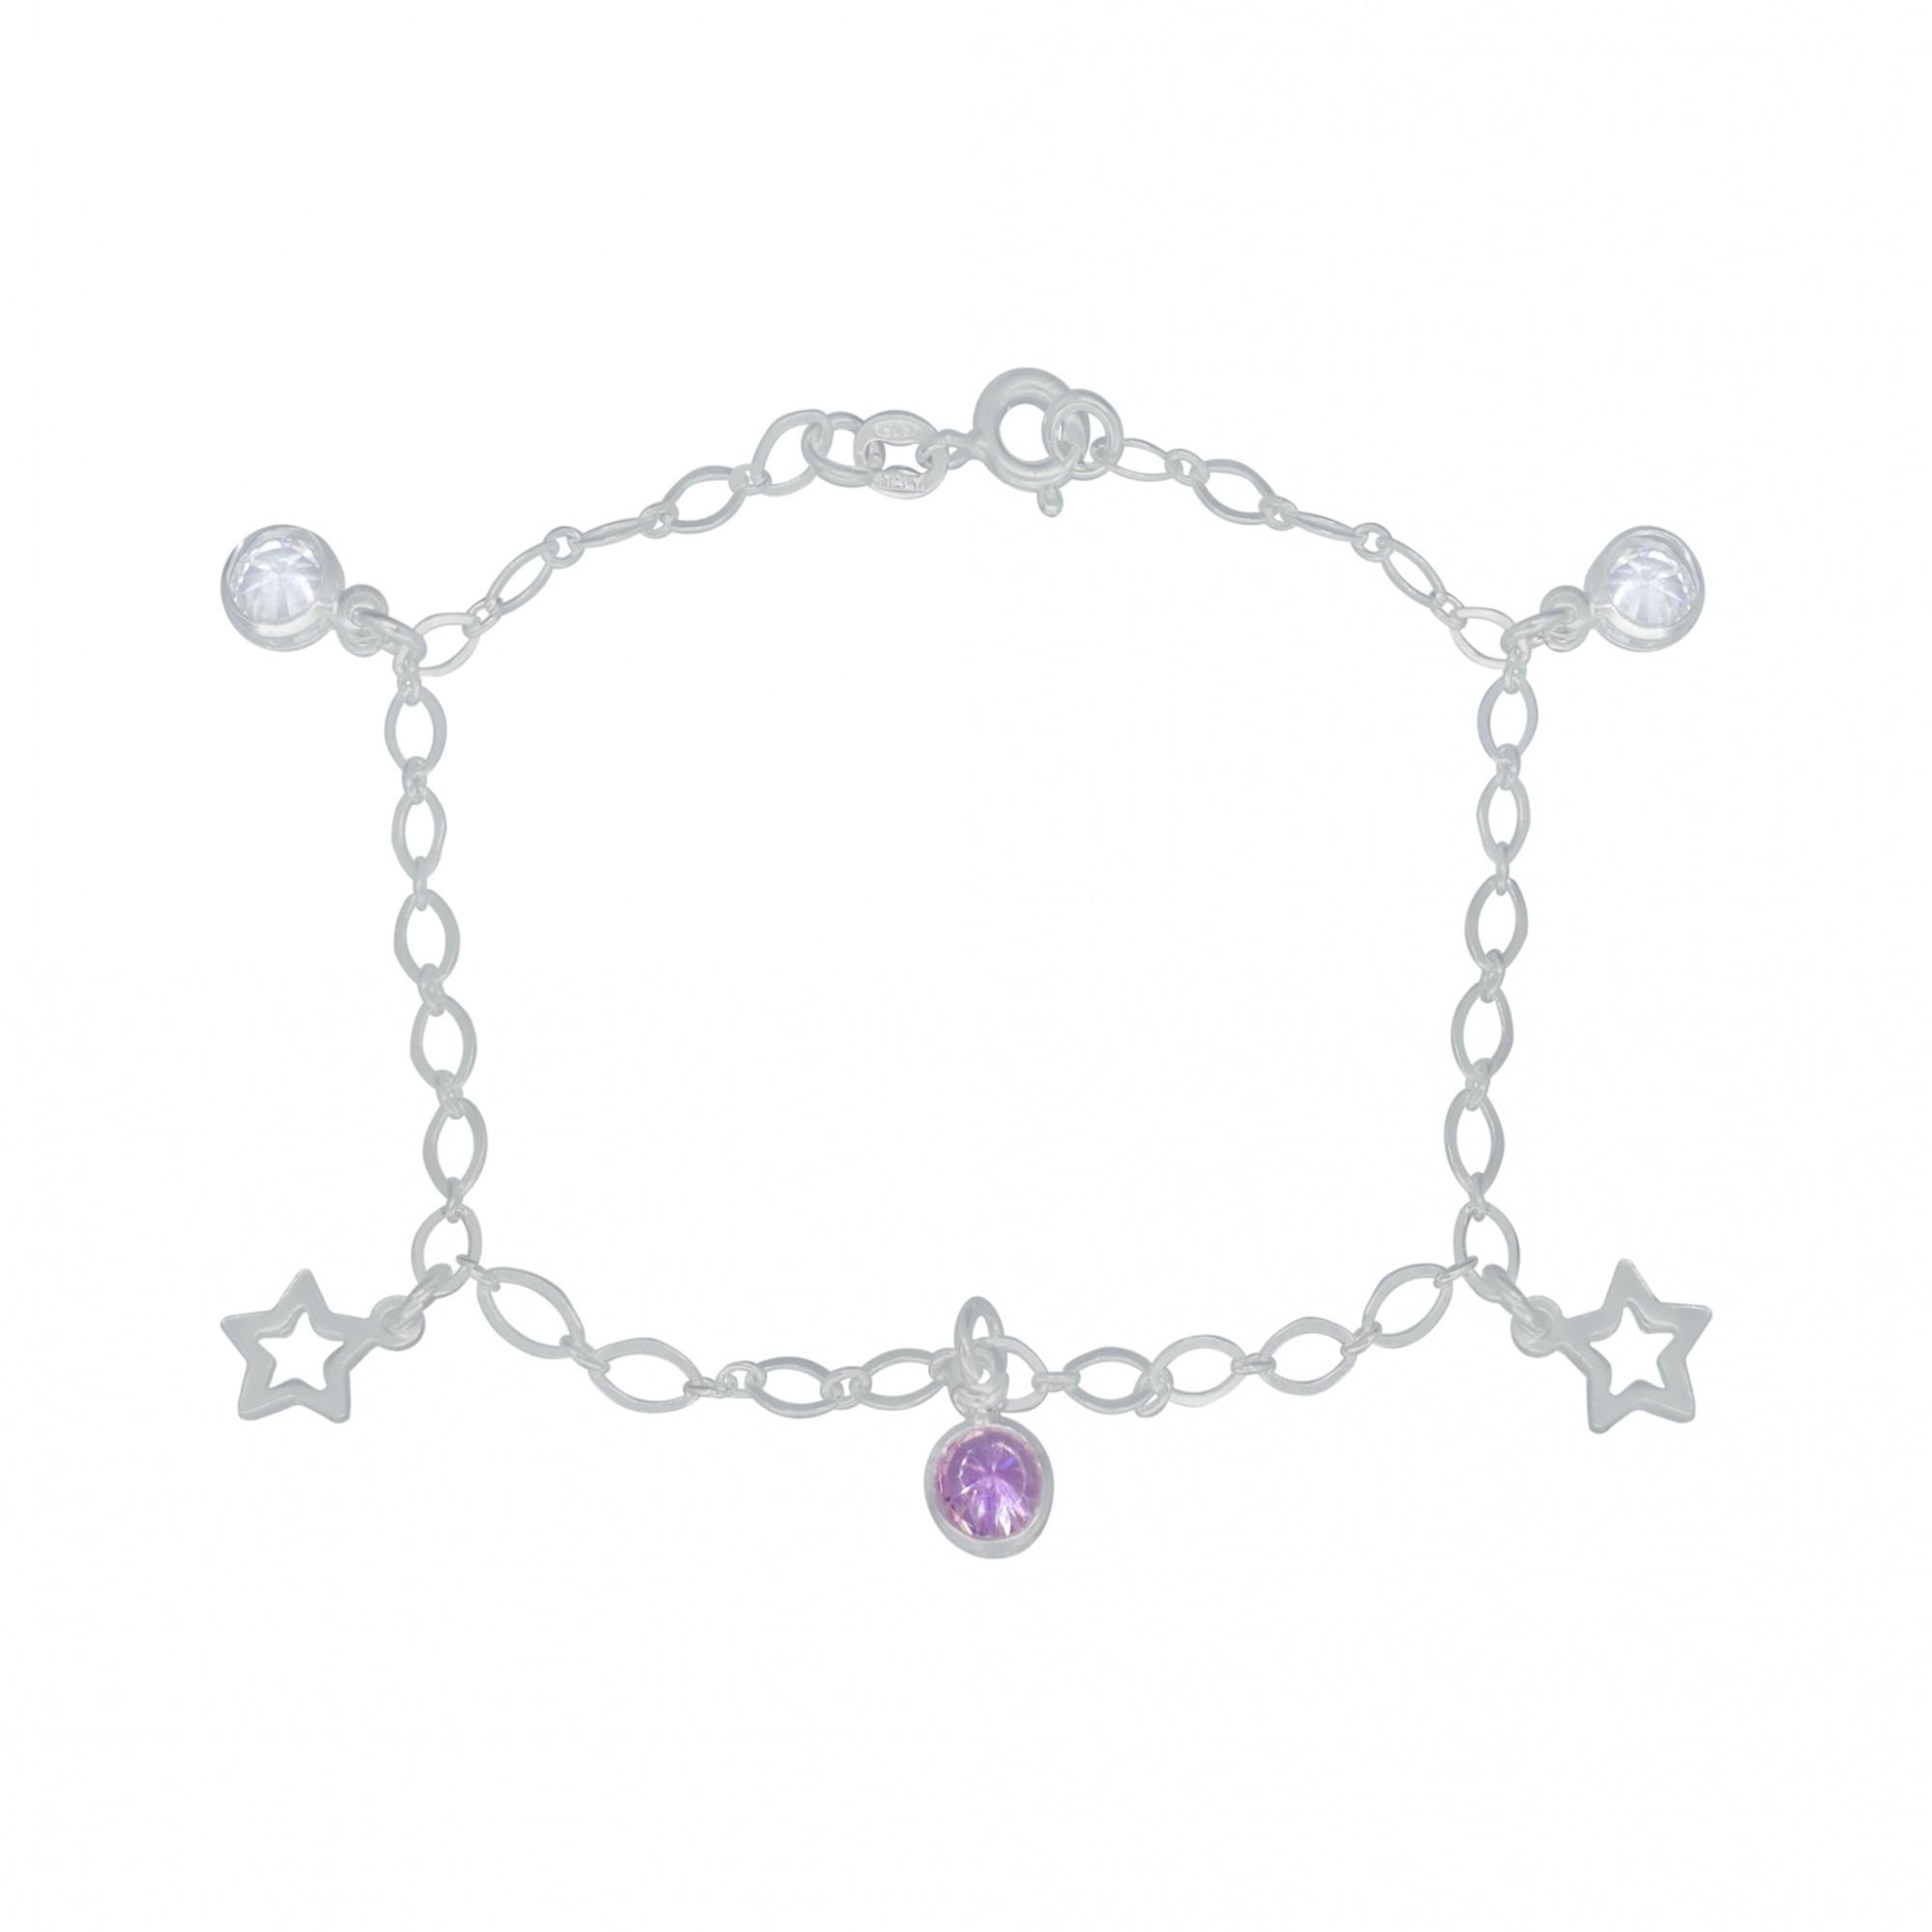 Pulseira joia prata 925 pura, zircônia ponto de luz estrela